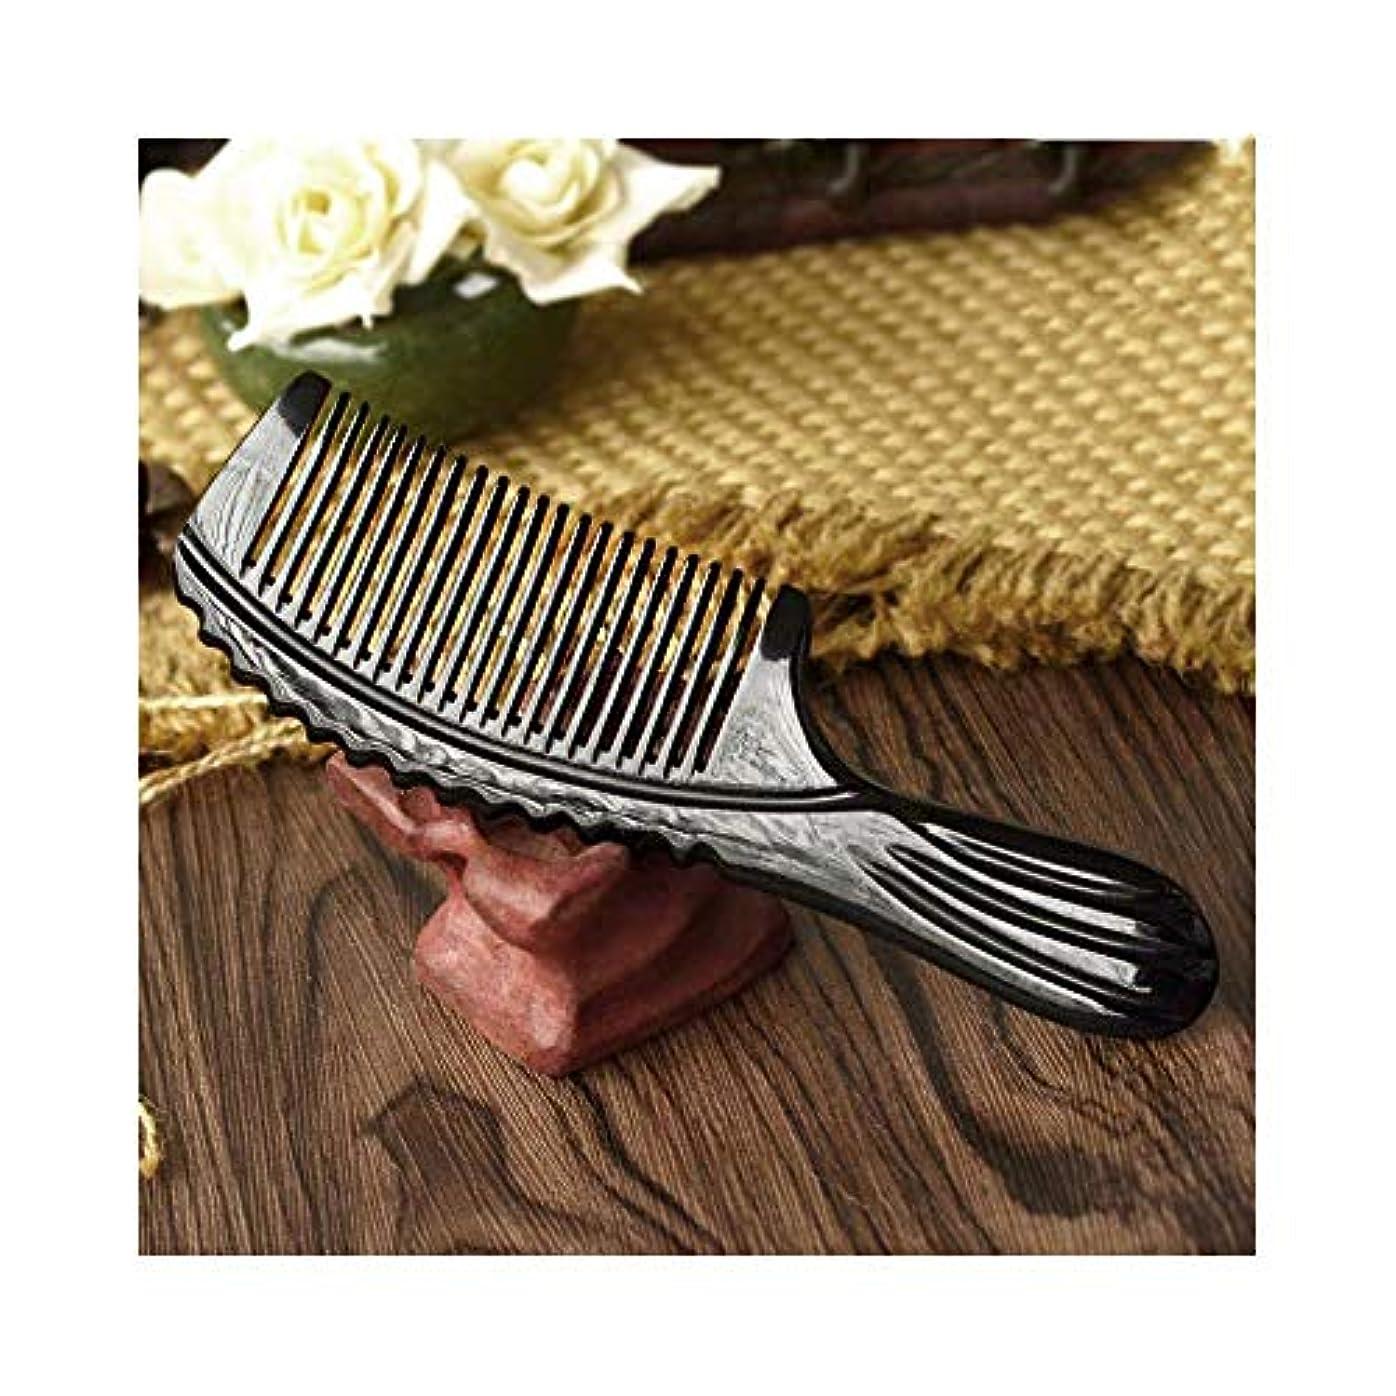 スキル幅燃料VDGHA 木毛 ヘアブラシハンドメイドブラックバッファローホーンコーム(標準歯、静電気なし) サンダルウッドの自然な髪の櫛